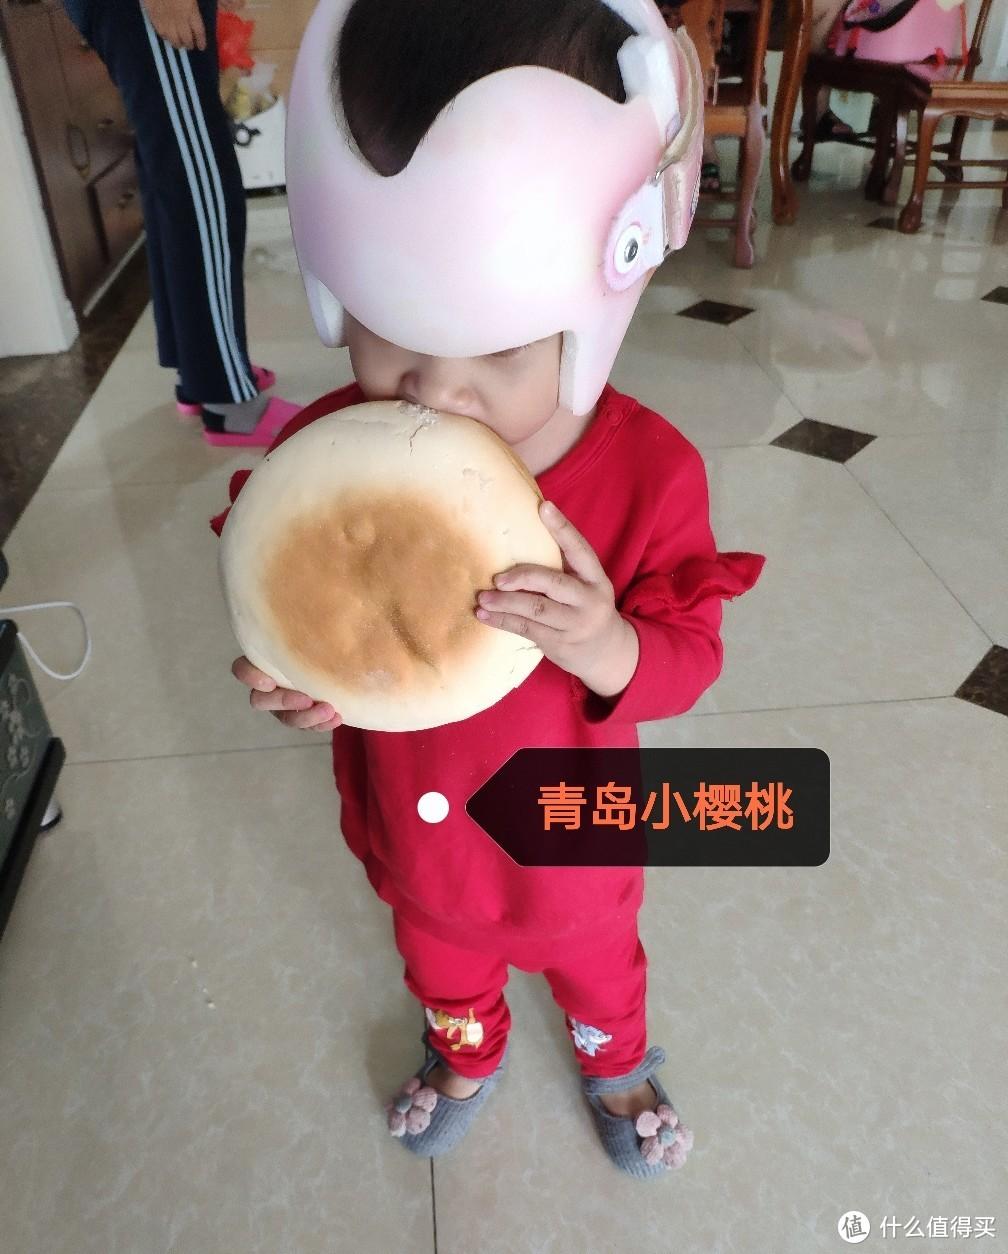 戴上头盔,真是让宝宝少挨多少跌碰。期待有用!照片版权所有,严禁他人未经授权使用!